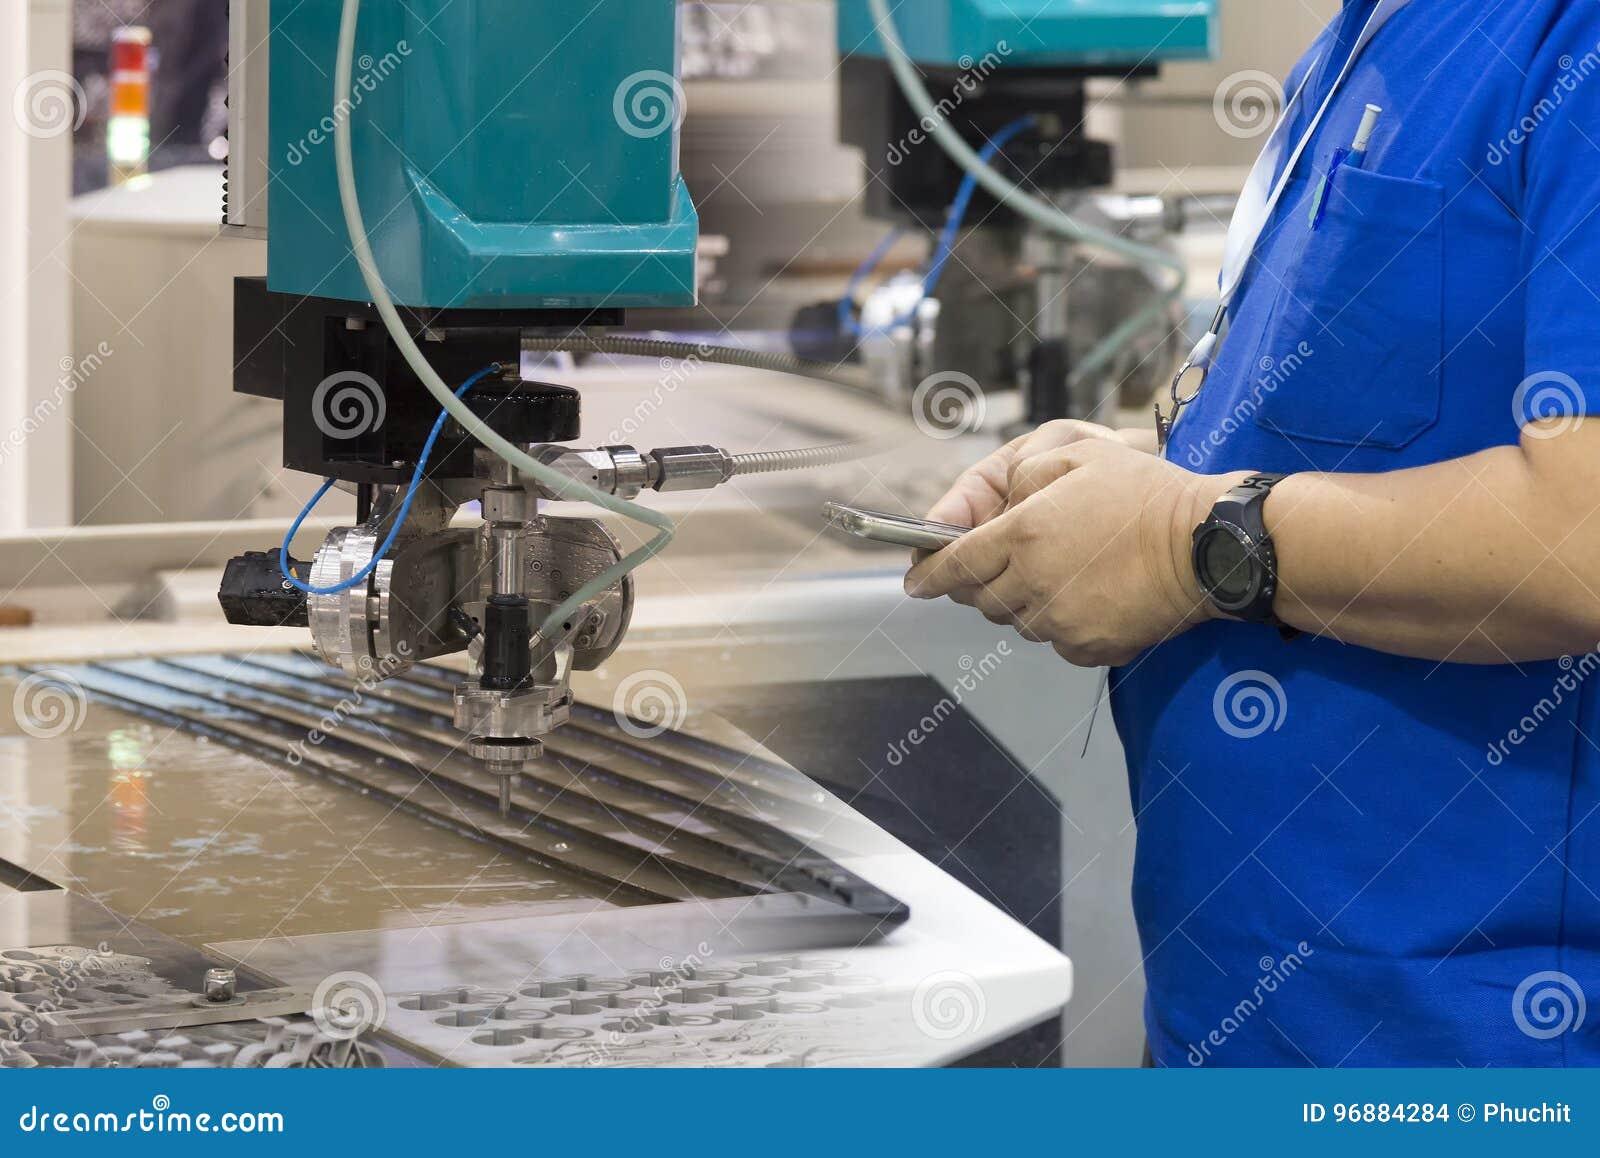 Operador(a) de Máquinas Planas Industriales de una Aguja